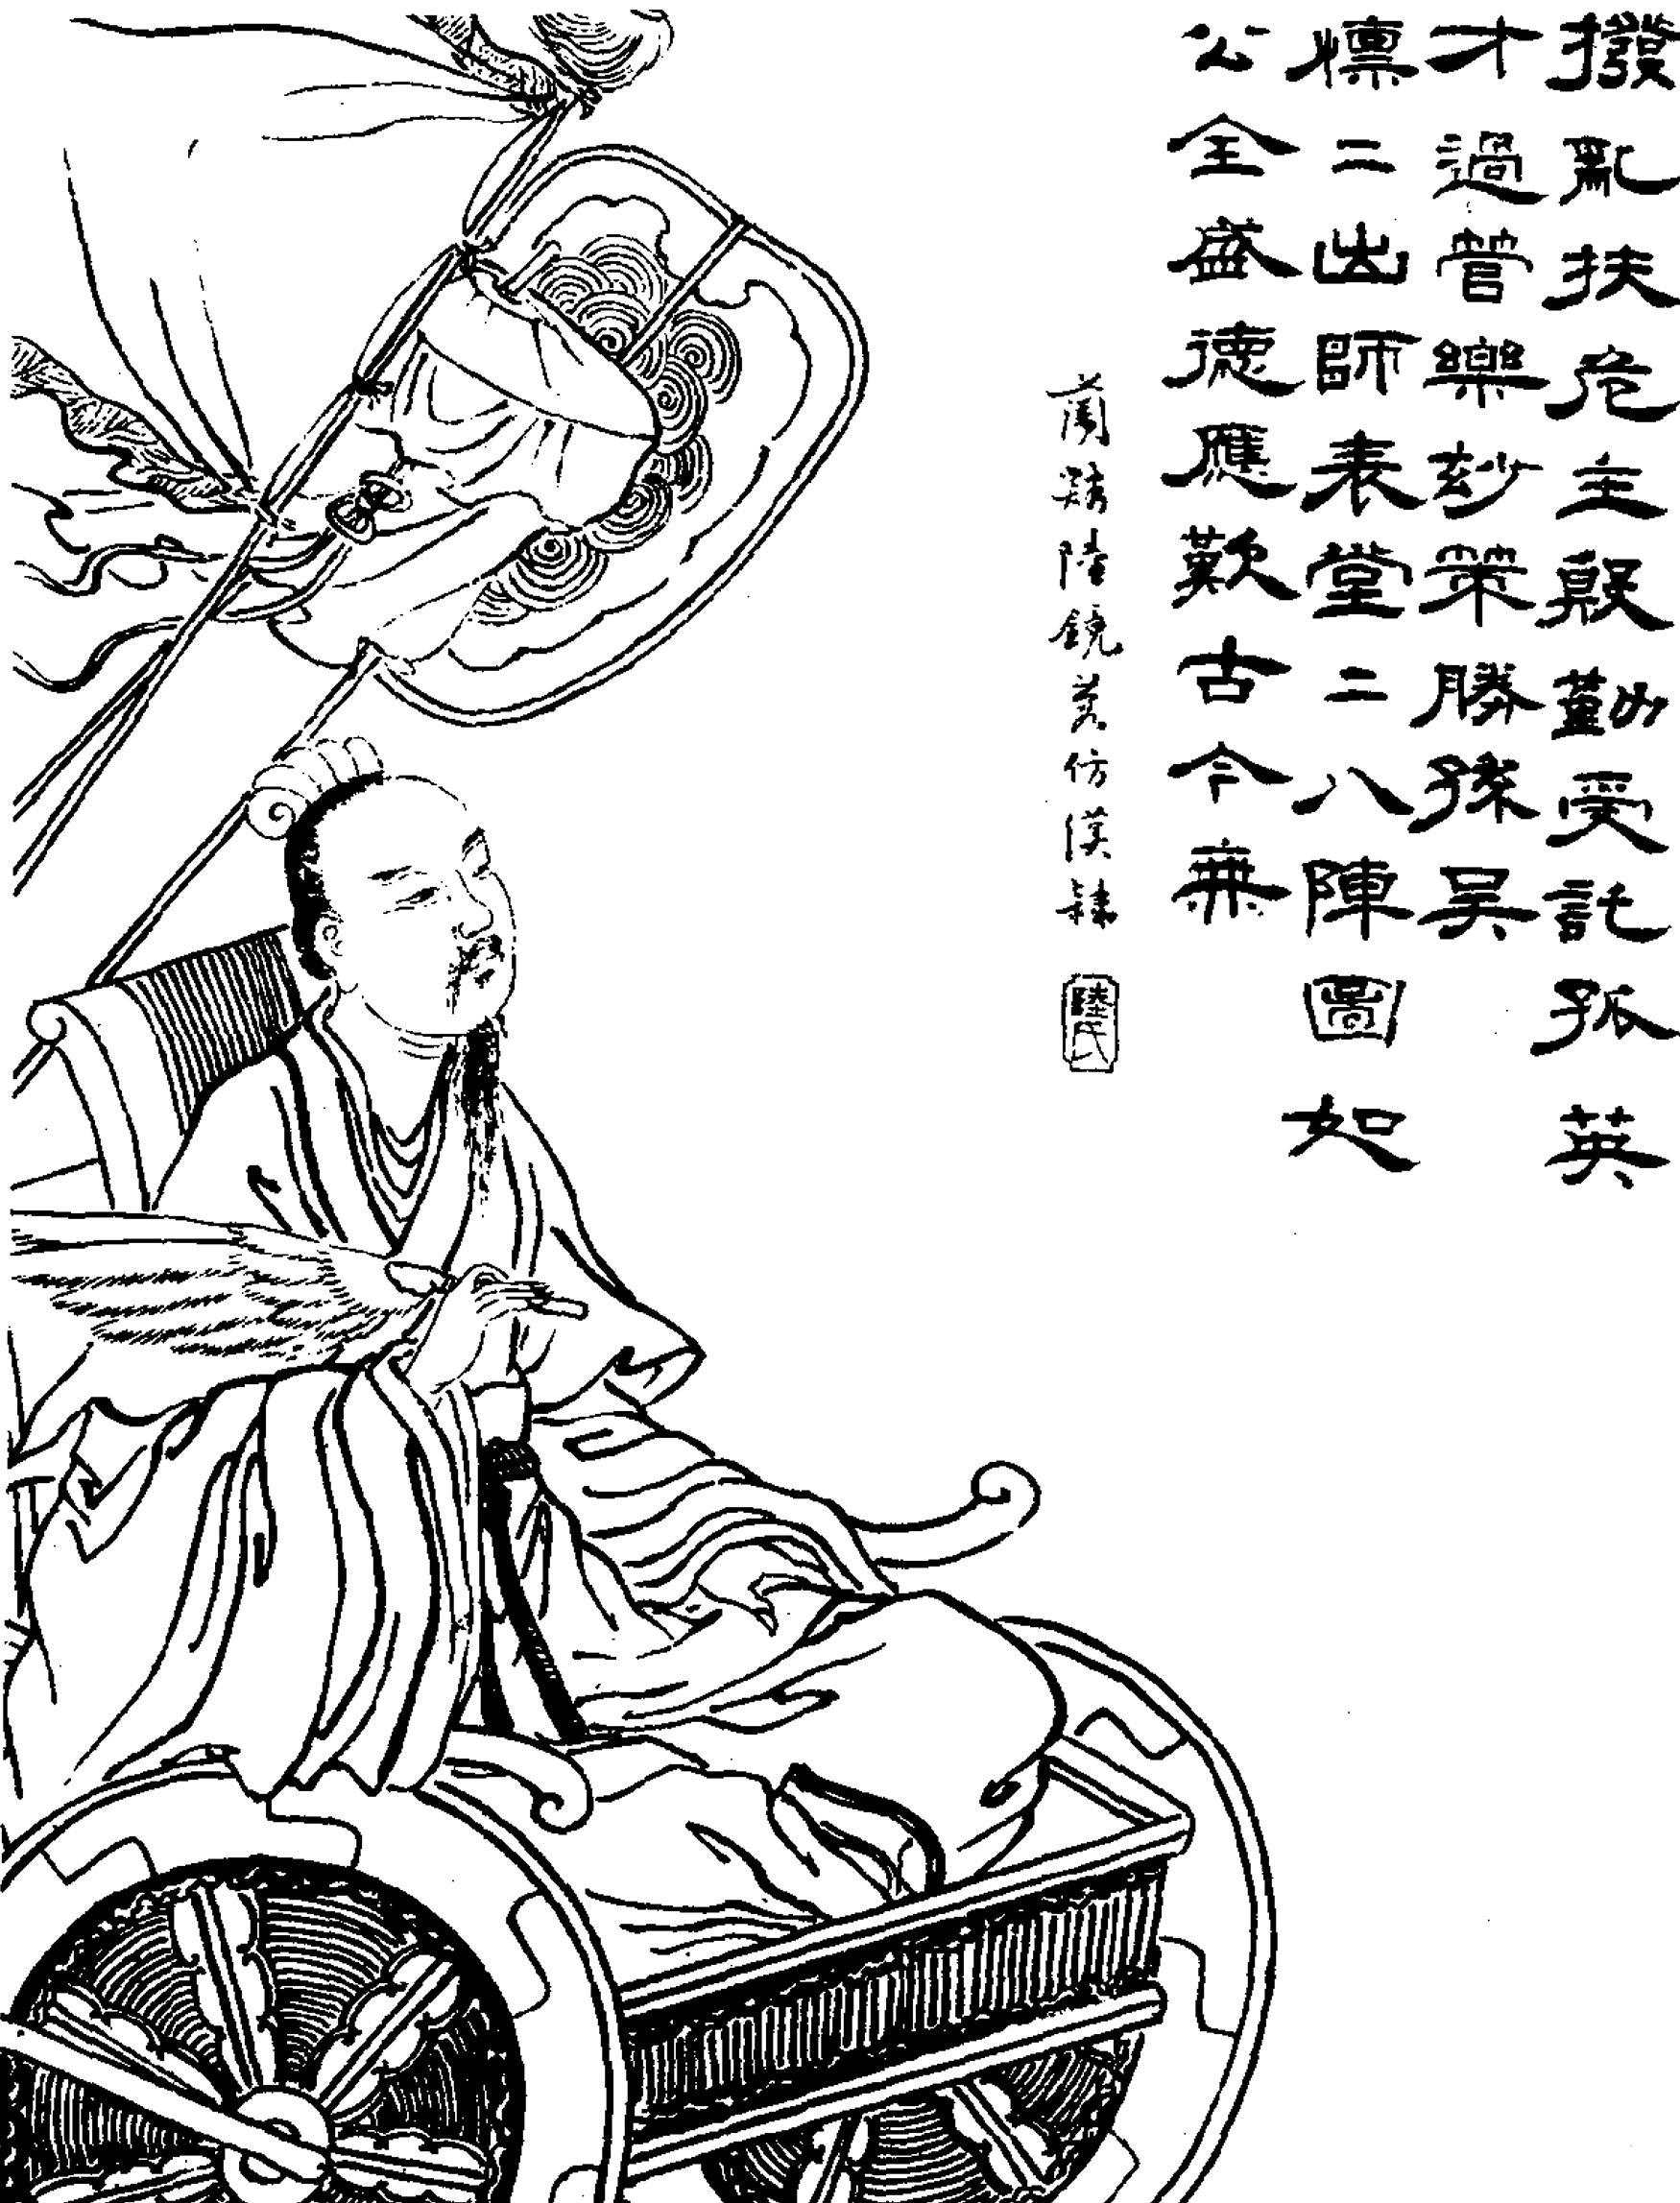 Zhuge Liang 諸葛亮 | Gongjin's...